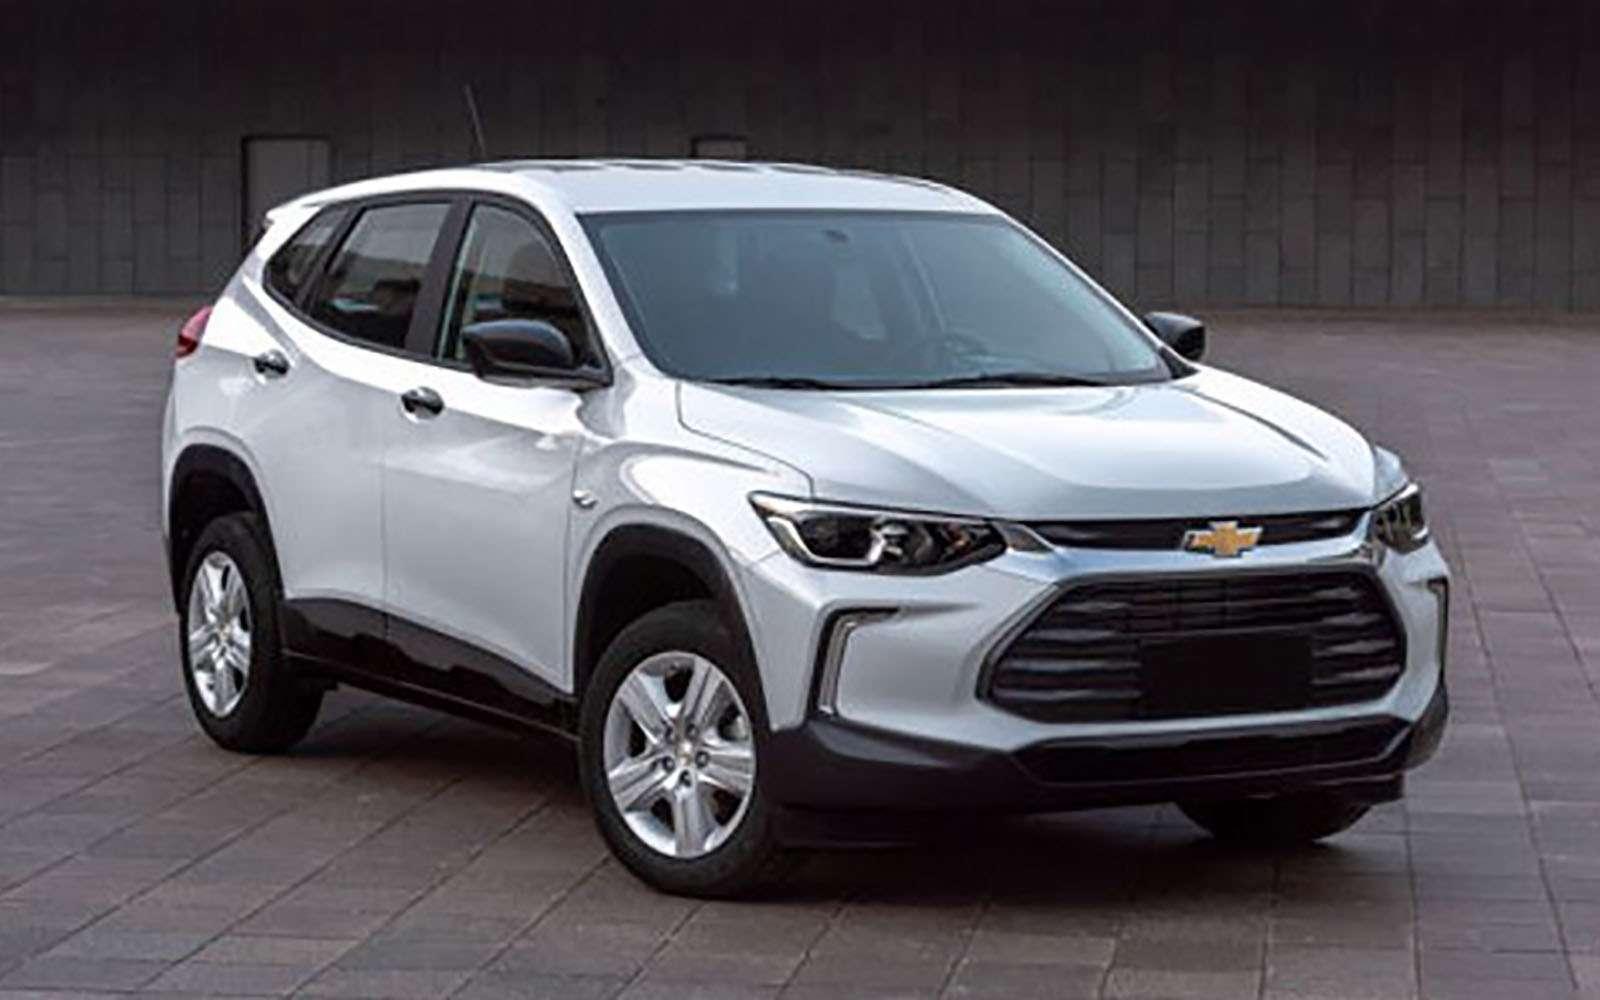 Рассекречен новый маленький кроссовер Chevrolet— фото 940886